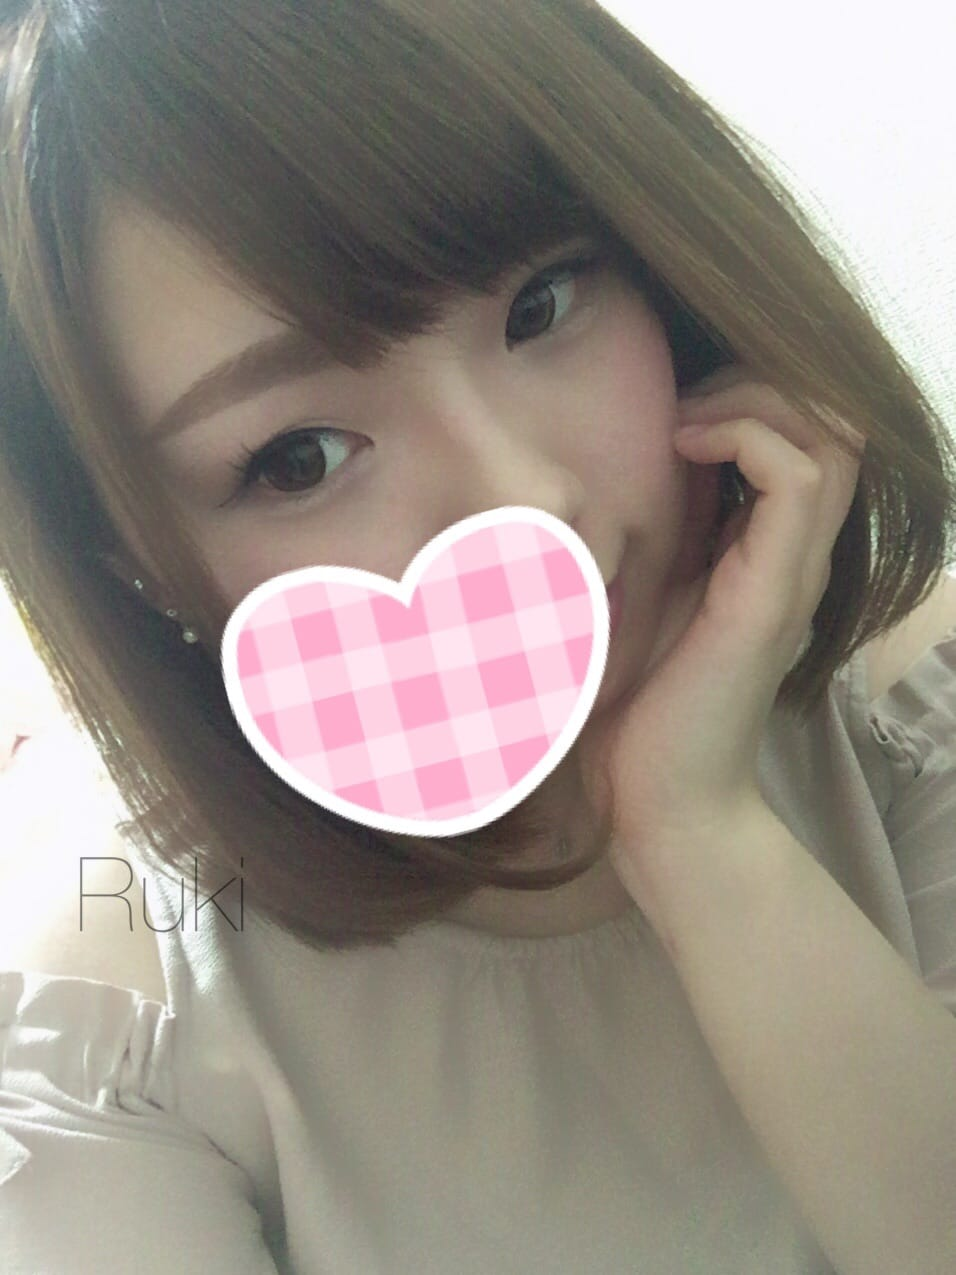 「おはよ」09/22(金) 12:43 | るき 癒し系HカップGIRLの写メ・風俗動画